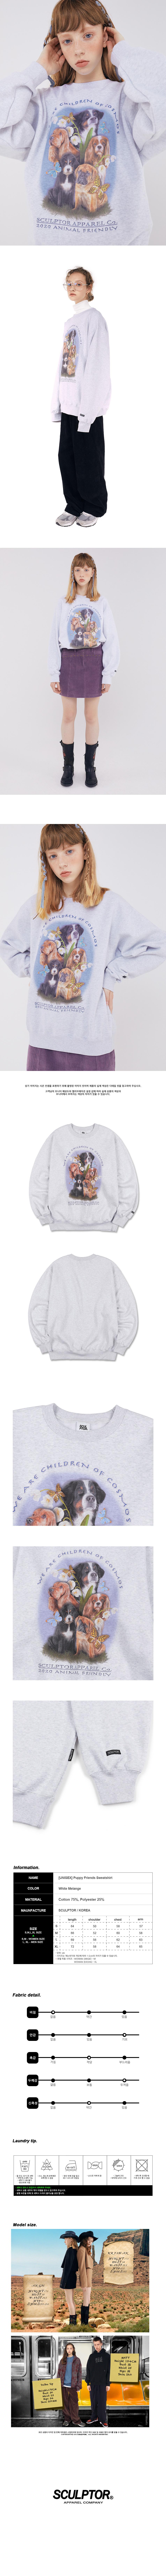 스컬프터(SCULPTOR) [UNISEX] Puppy Friends Sweatshirt [WHITE MELANGE]